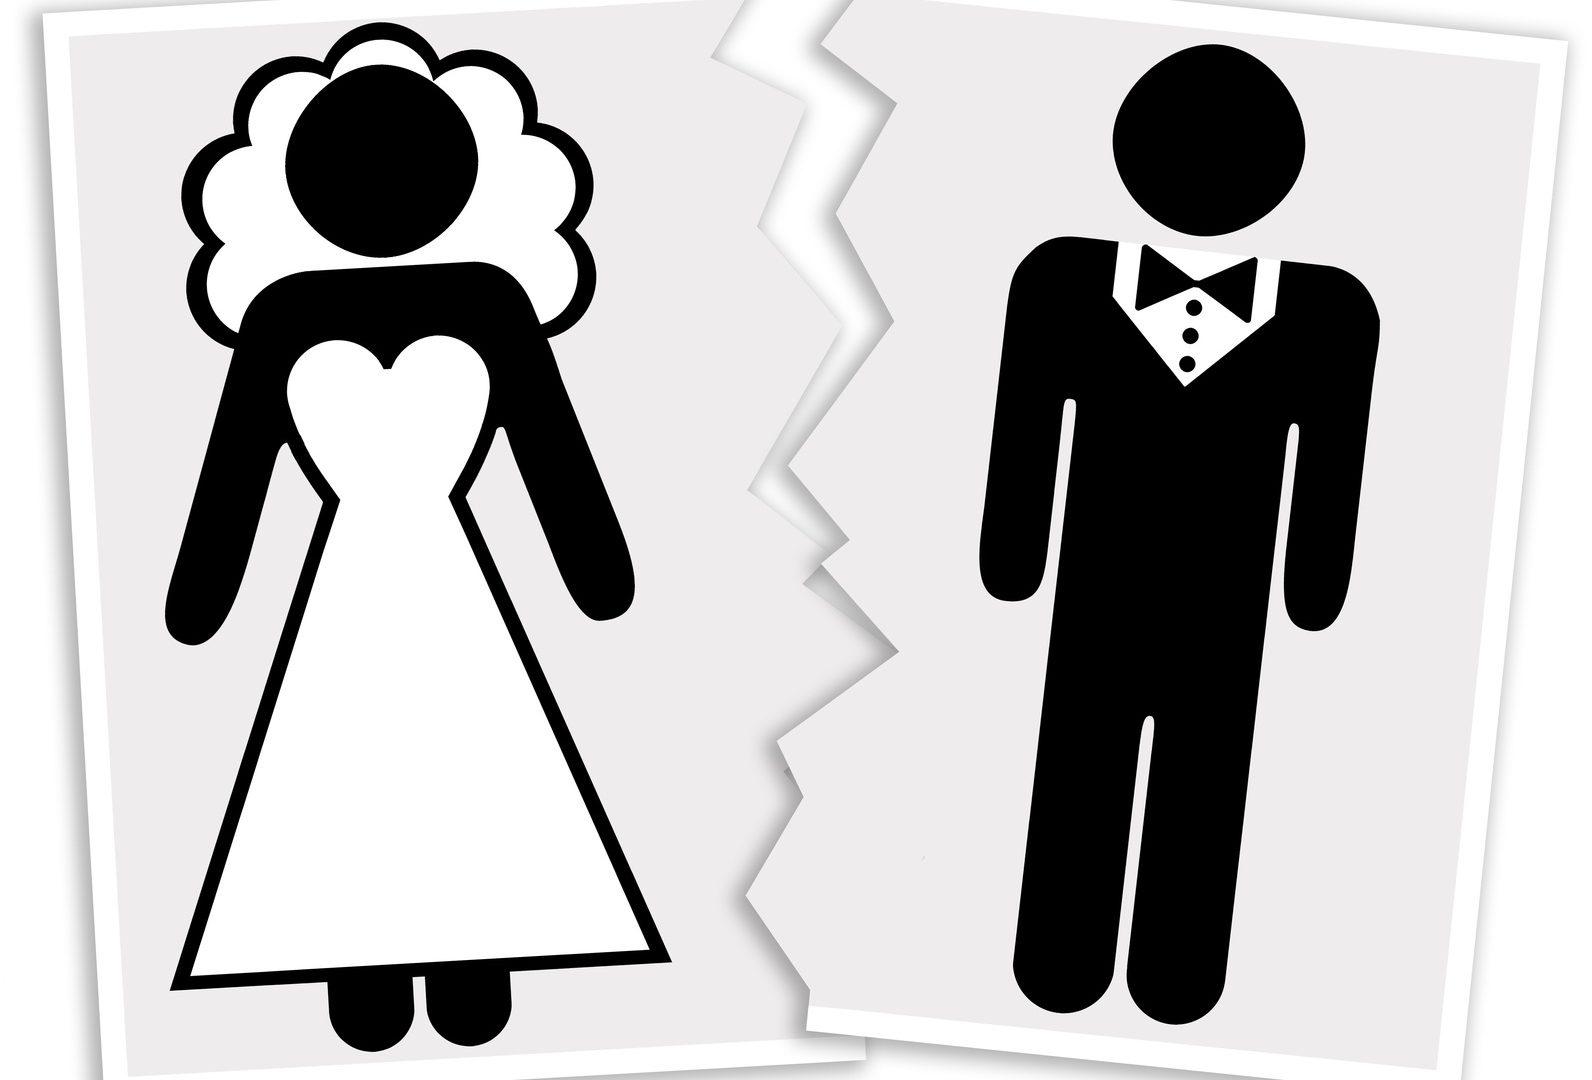 La nuova convivenza fa venir meno il diritto all'assegno divorzile